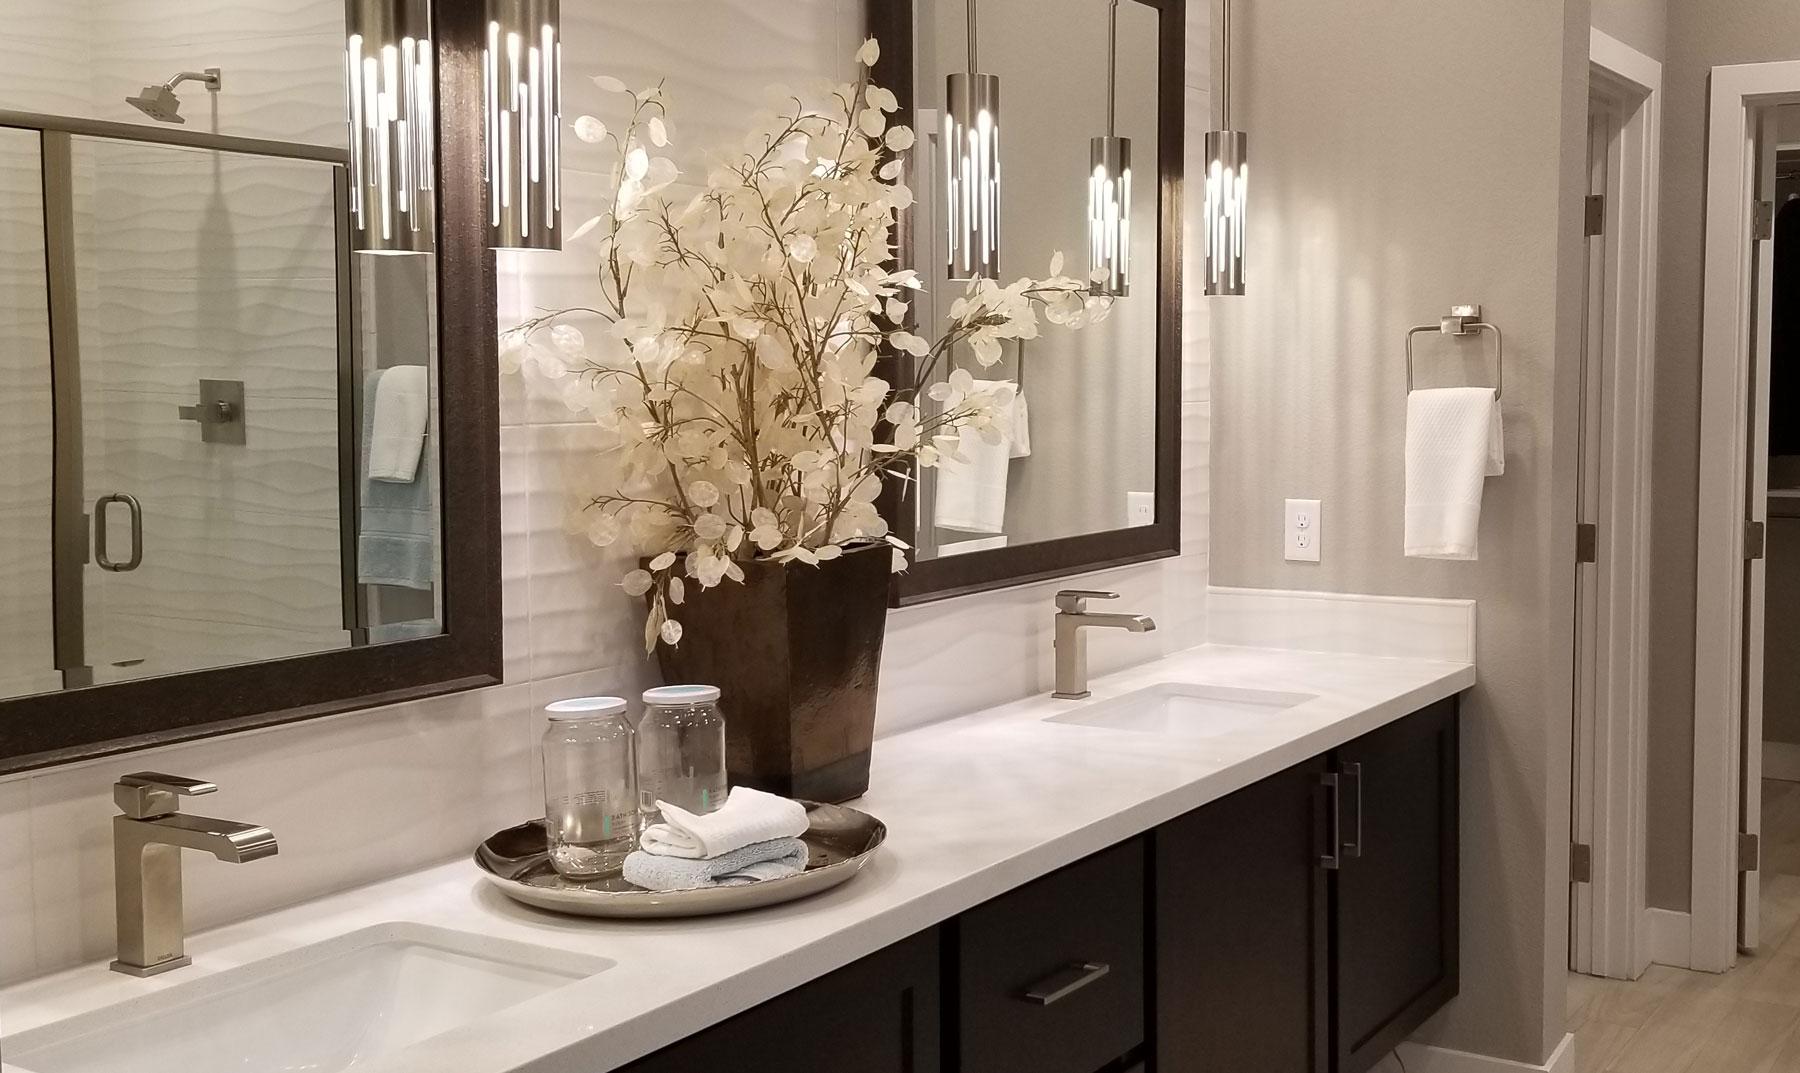 Los angeles bathroom remodeling simcity - Los angeles bathroom remodeling contractor ...